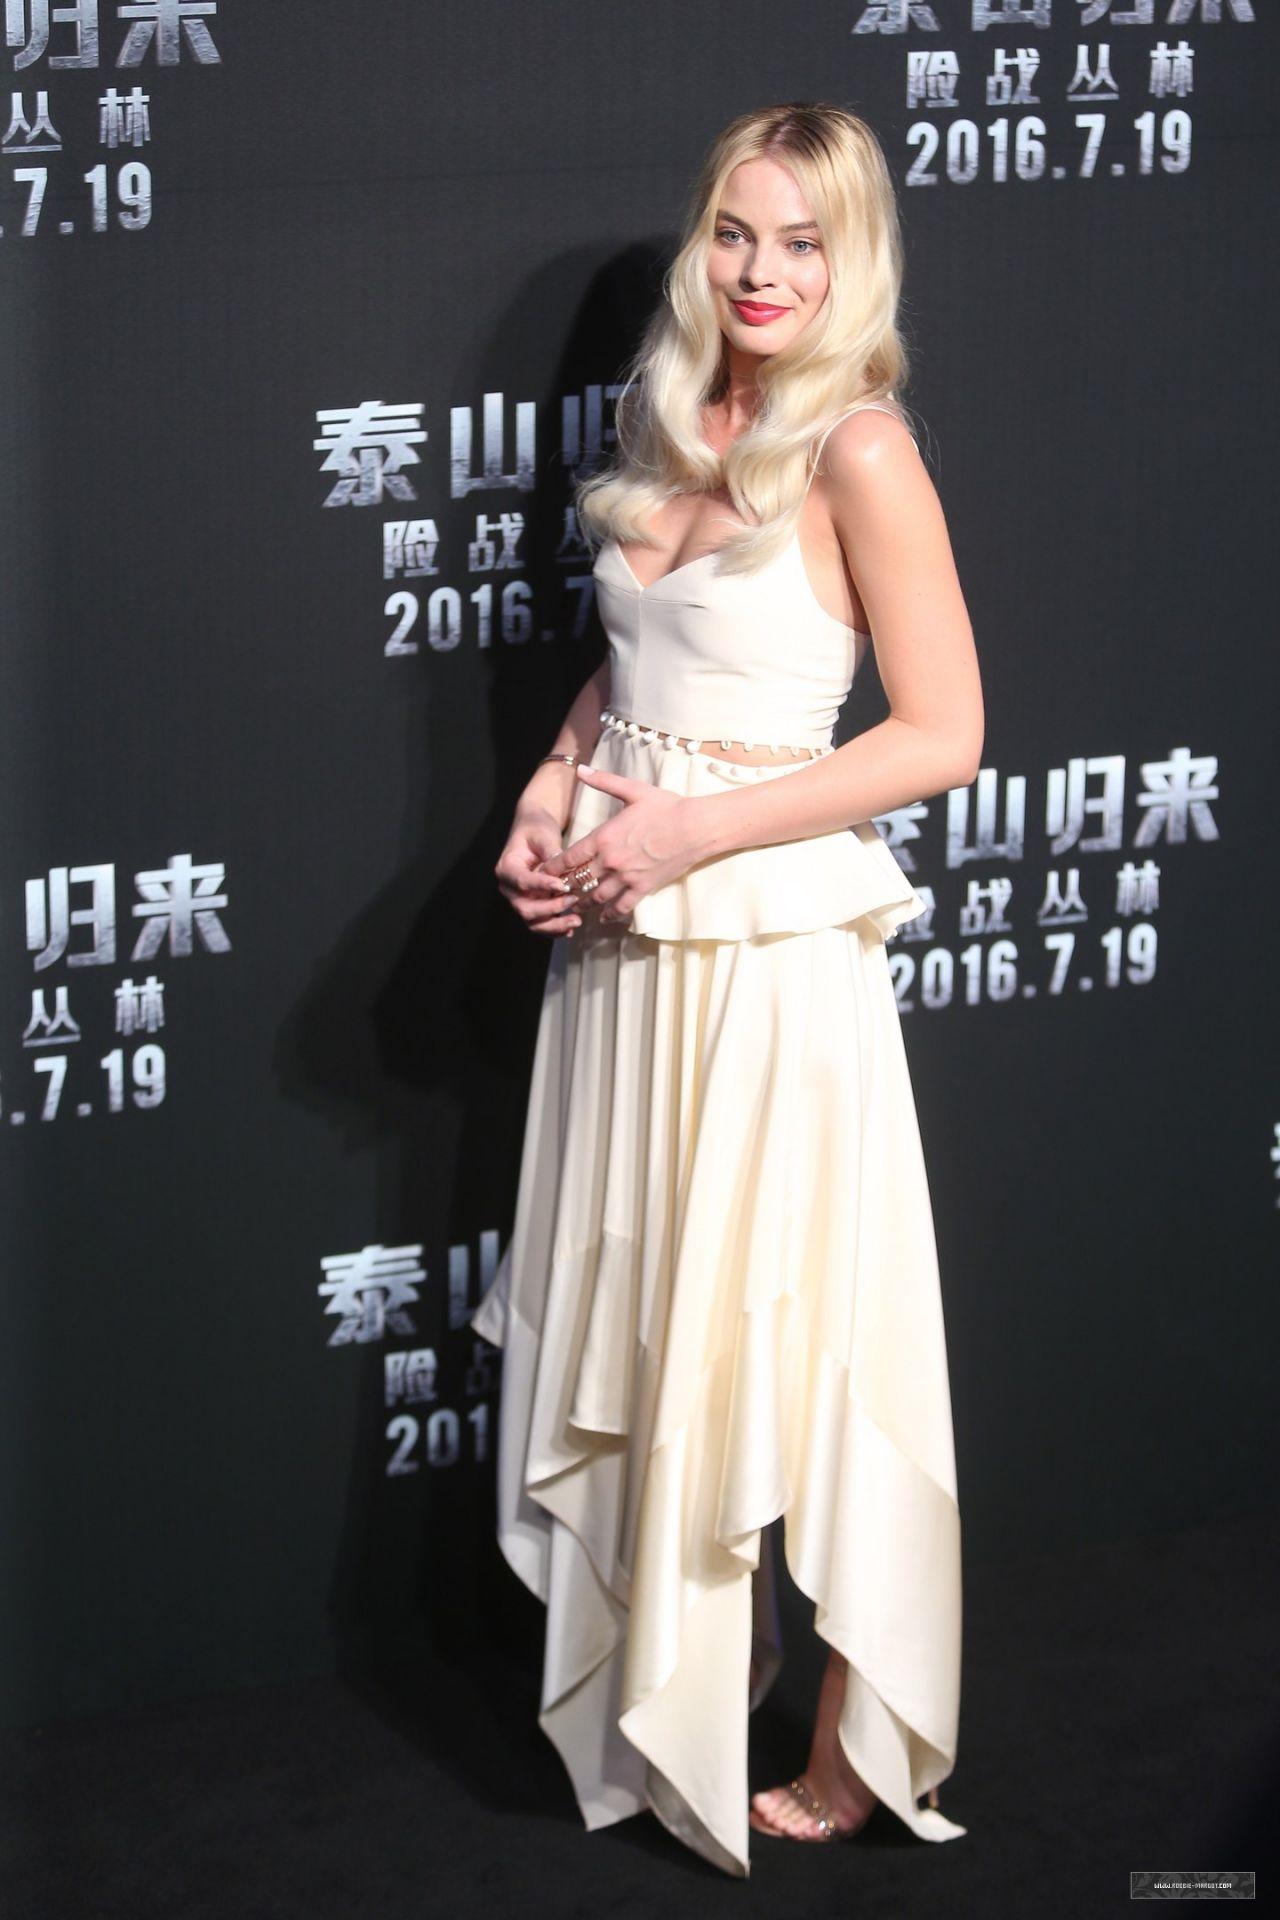 http://celebmafia.com/wp-content/uploads/2016/07/margot-robbie-the-legend-of-tarzan-premiere-in-beijing-july-2016-5.jpg